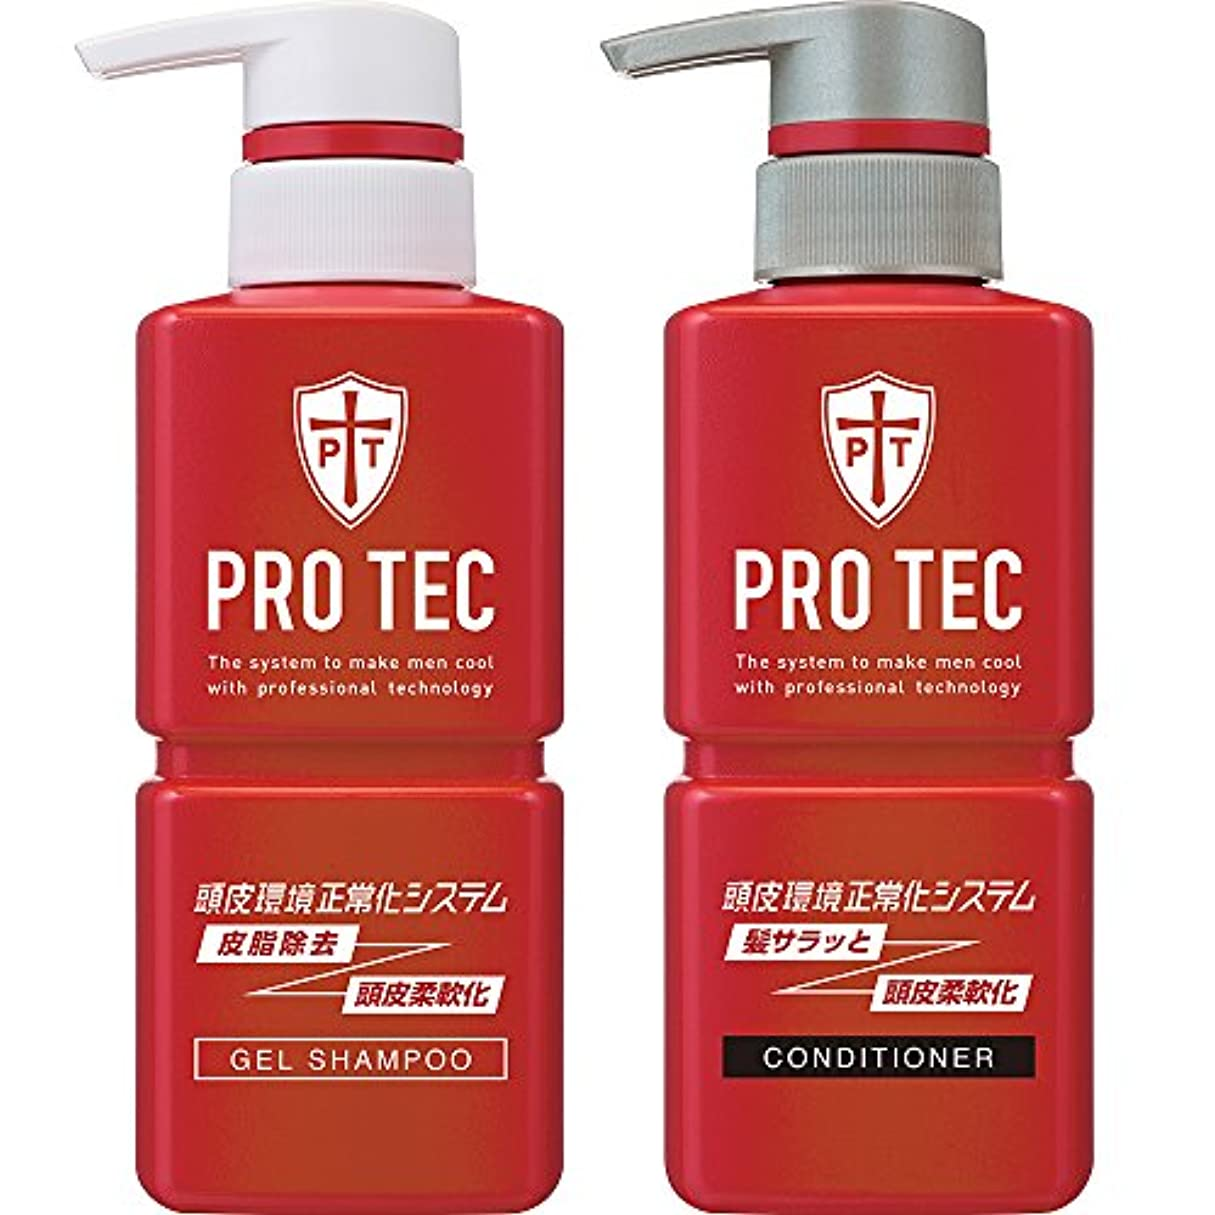 ガラガラ水観客PRO TEC(プロテク) 頭皮ストレッチ シャンプー ポンプ 300g(医薬部外品)+ コンディショナー ポンプ 300g